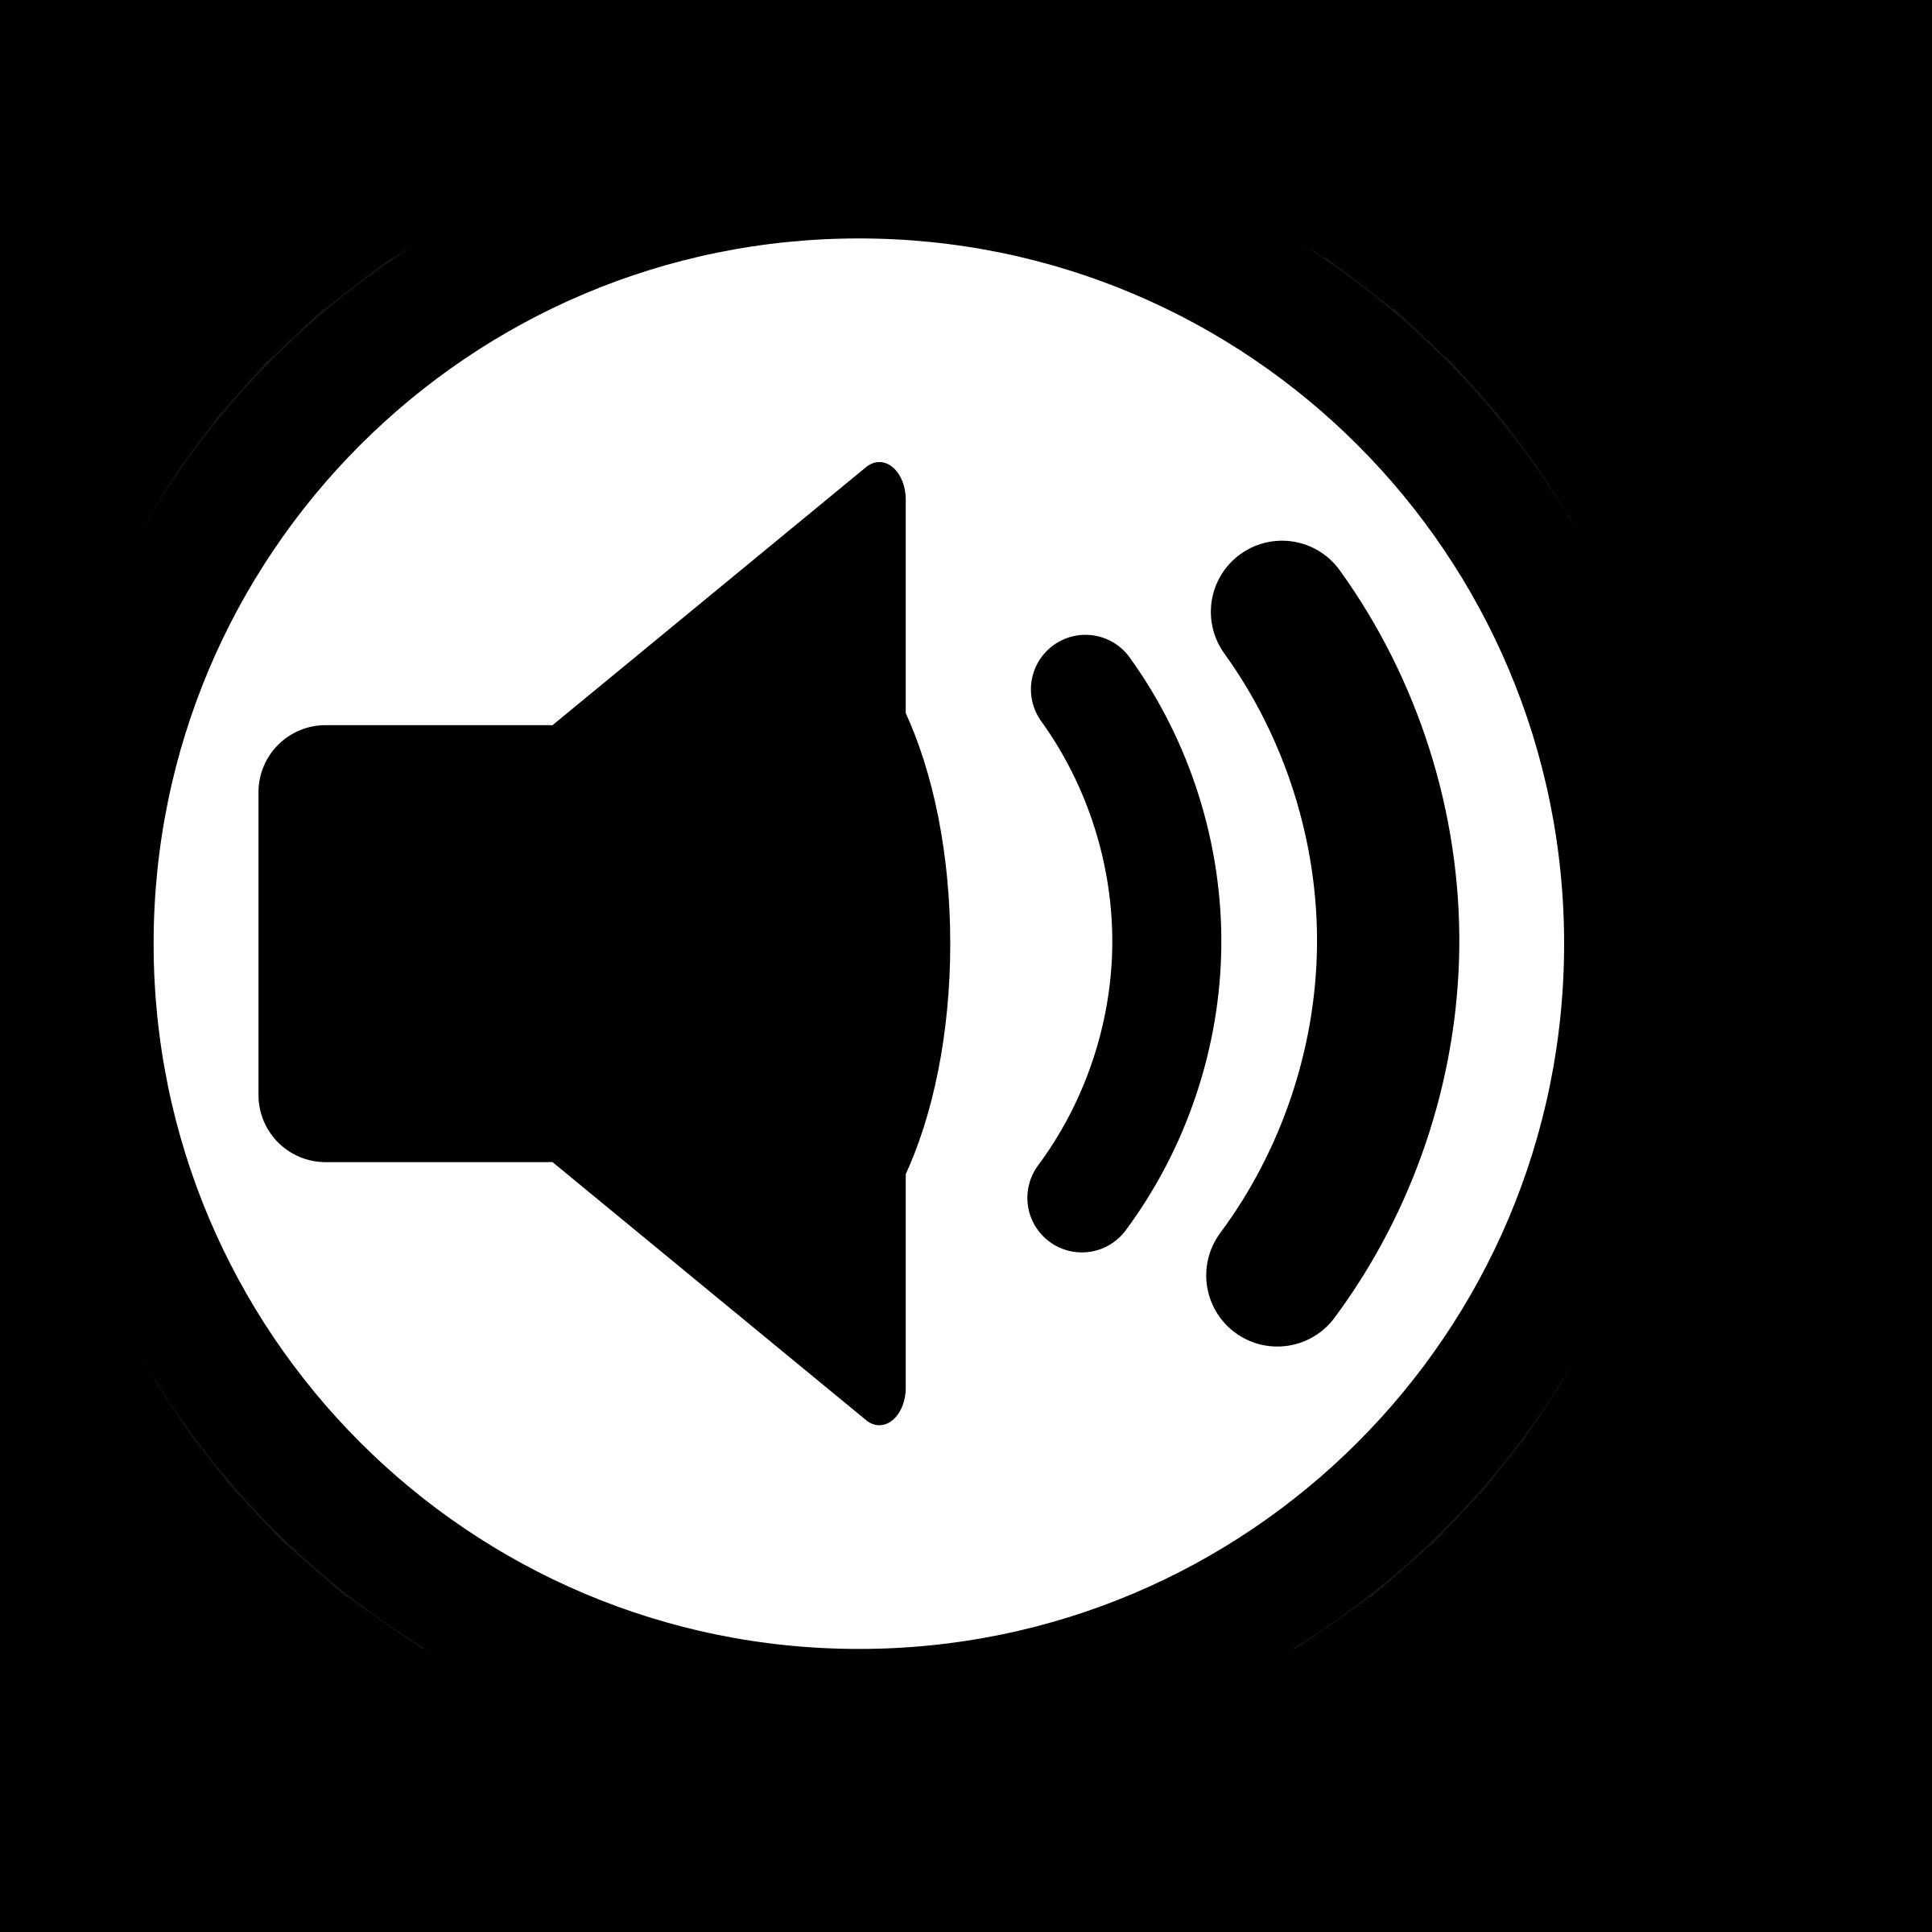 Audio clipart Audio audio Clipart